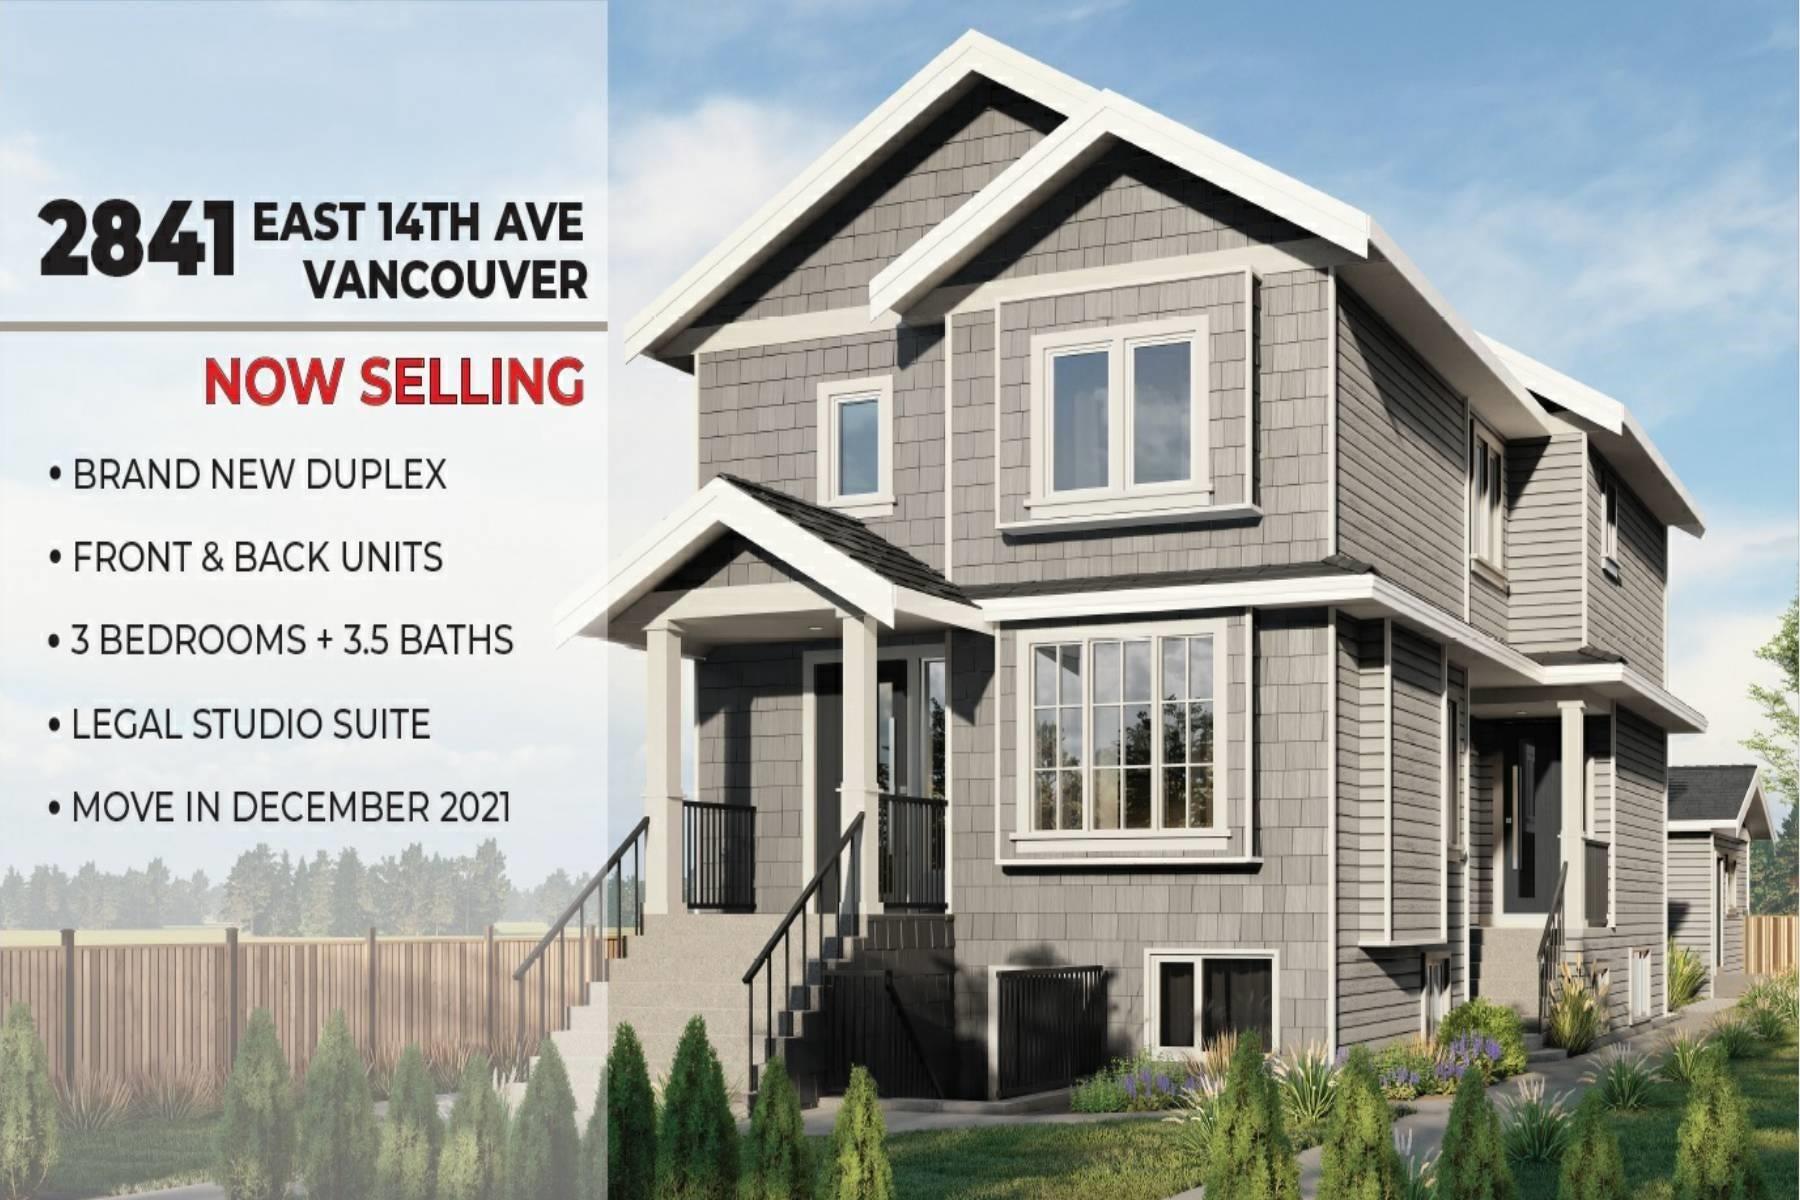 2 2841 E 14 AVENUE - Renfrew Heights 1/2 Duplex for sale, 3 Bedrooms (R2610065) - #1